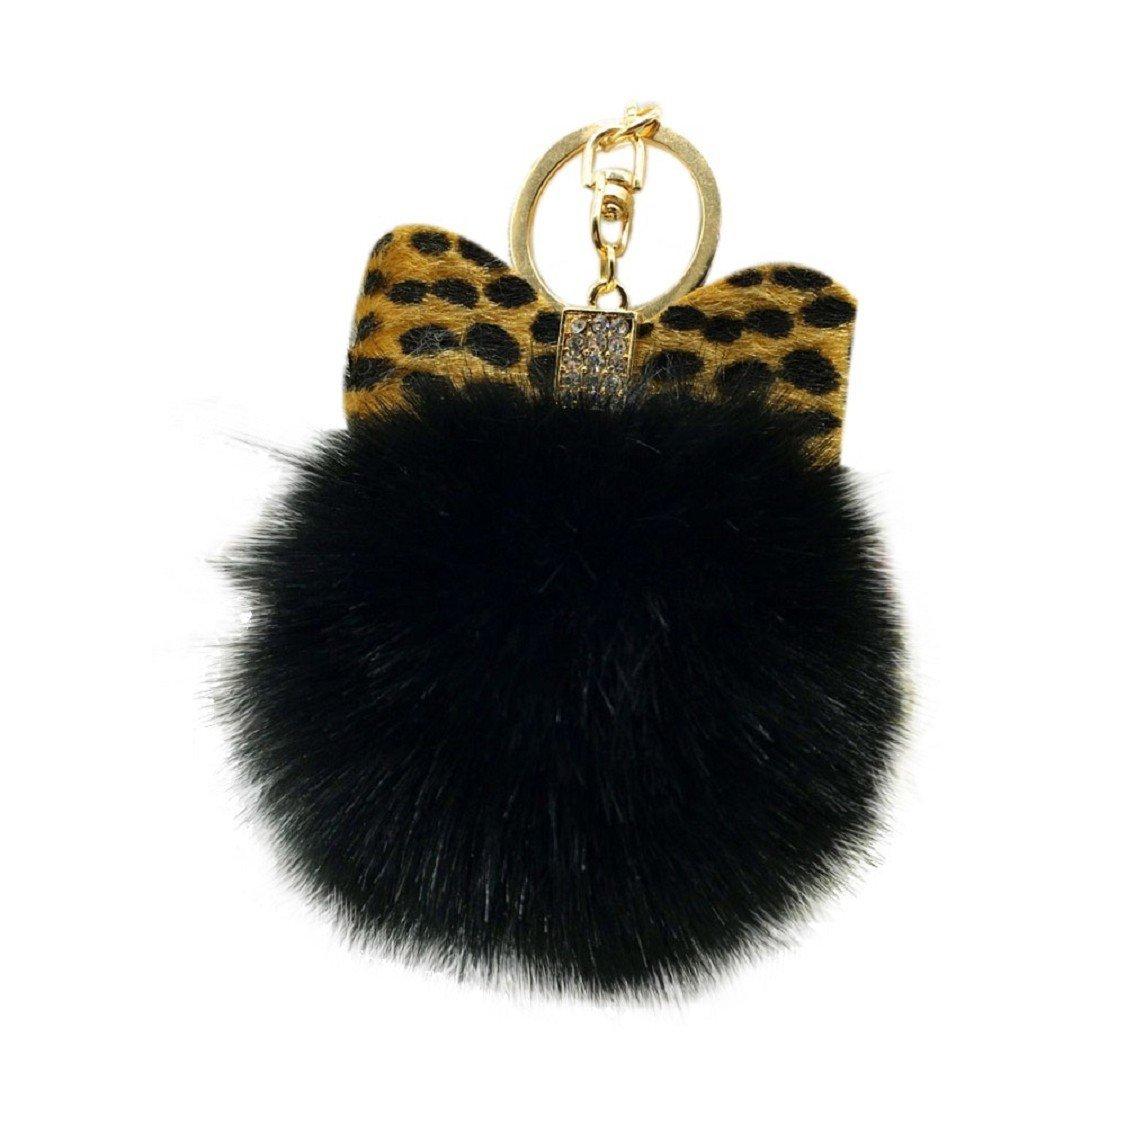 Egmy Leopard Bow Fluffy Faux Rabbit Fur Ball Bowknot Charm Car Keychain Handbag Key Ring (Black)